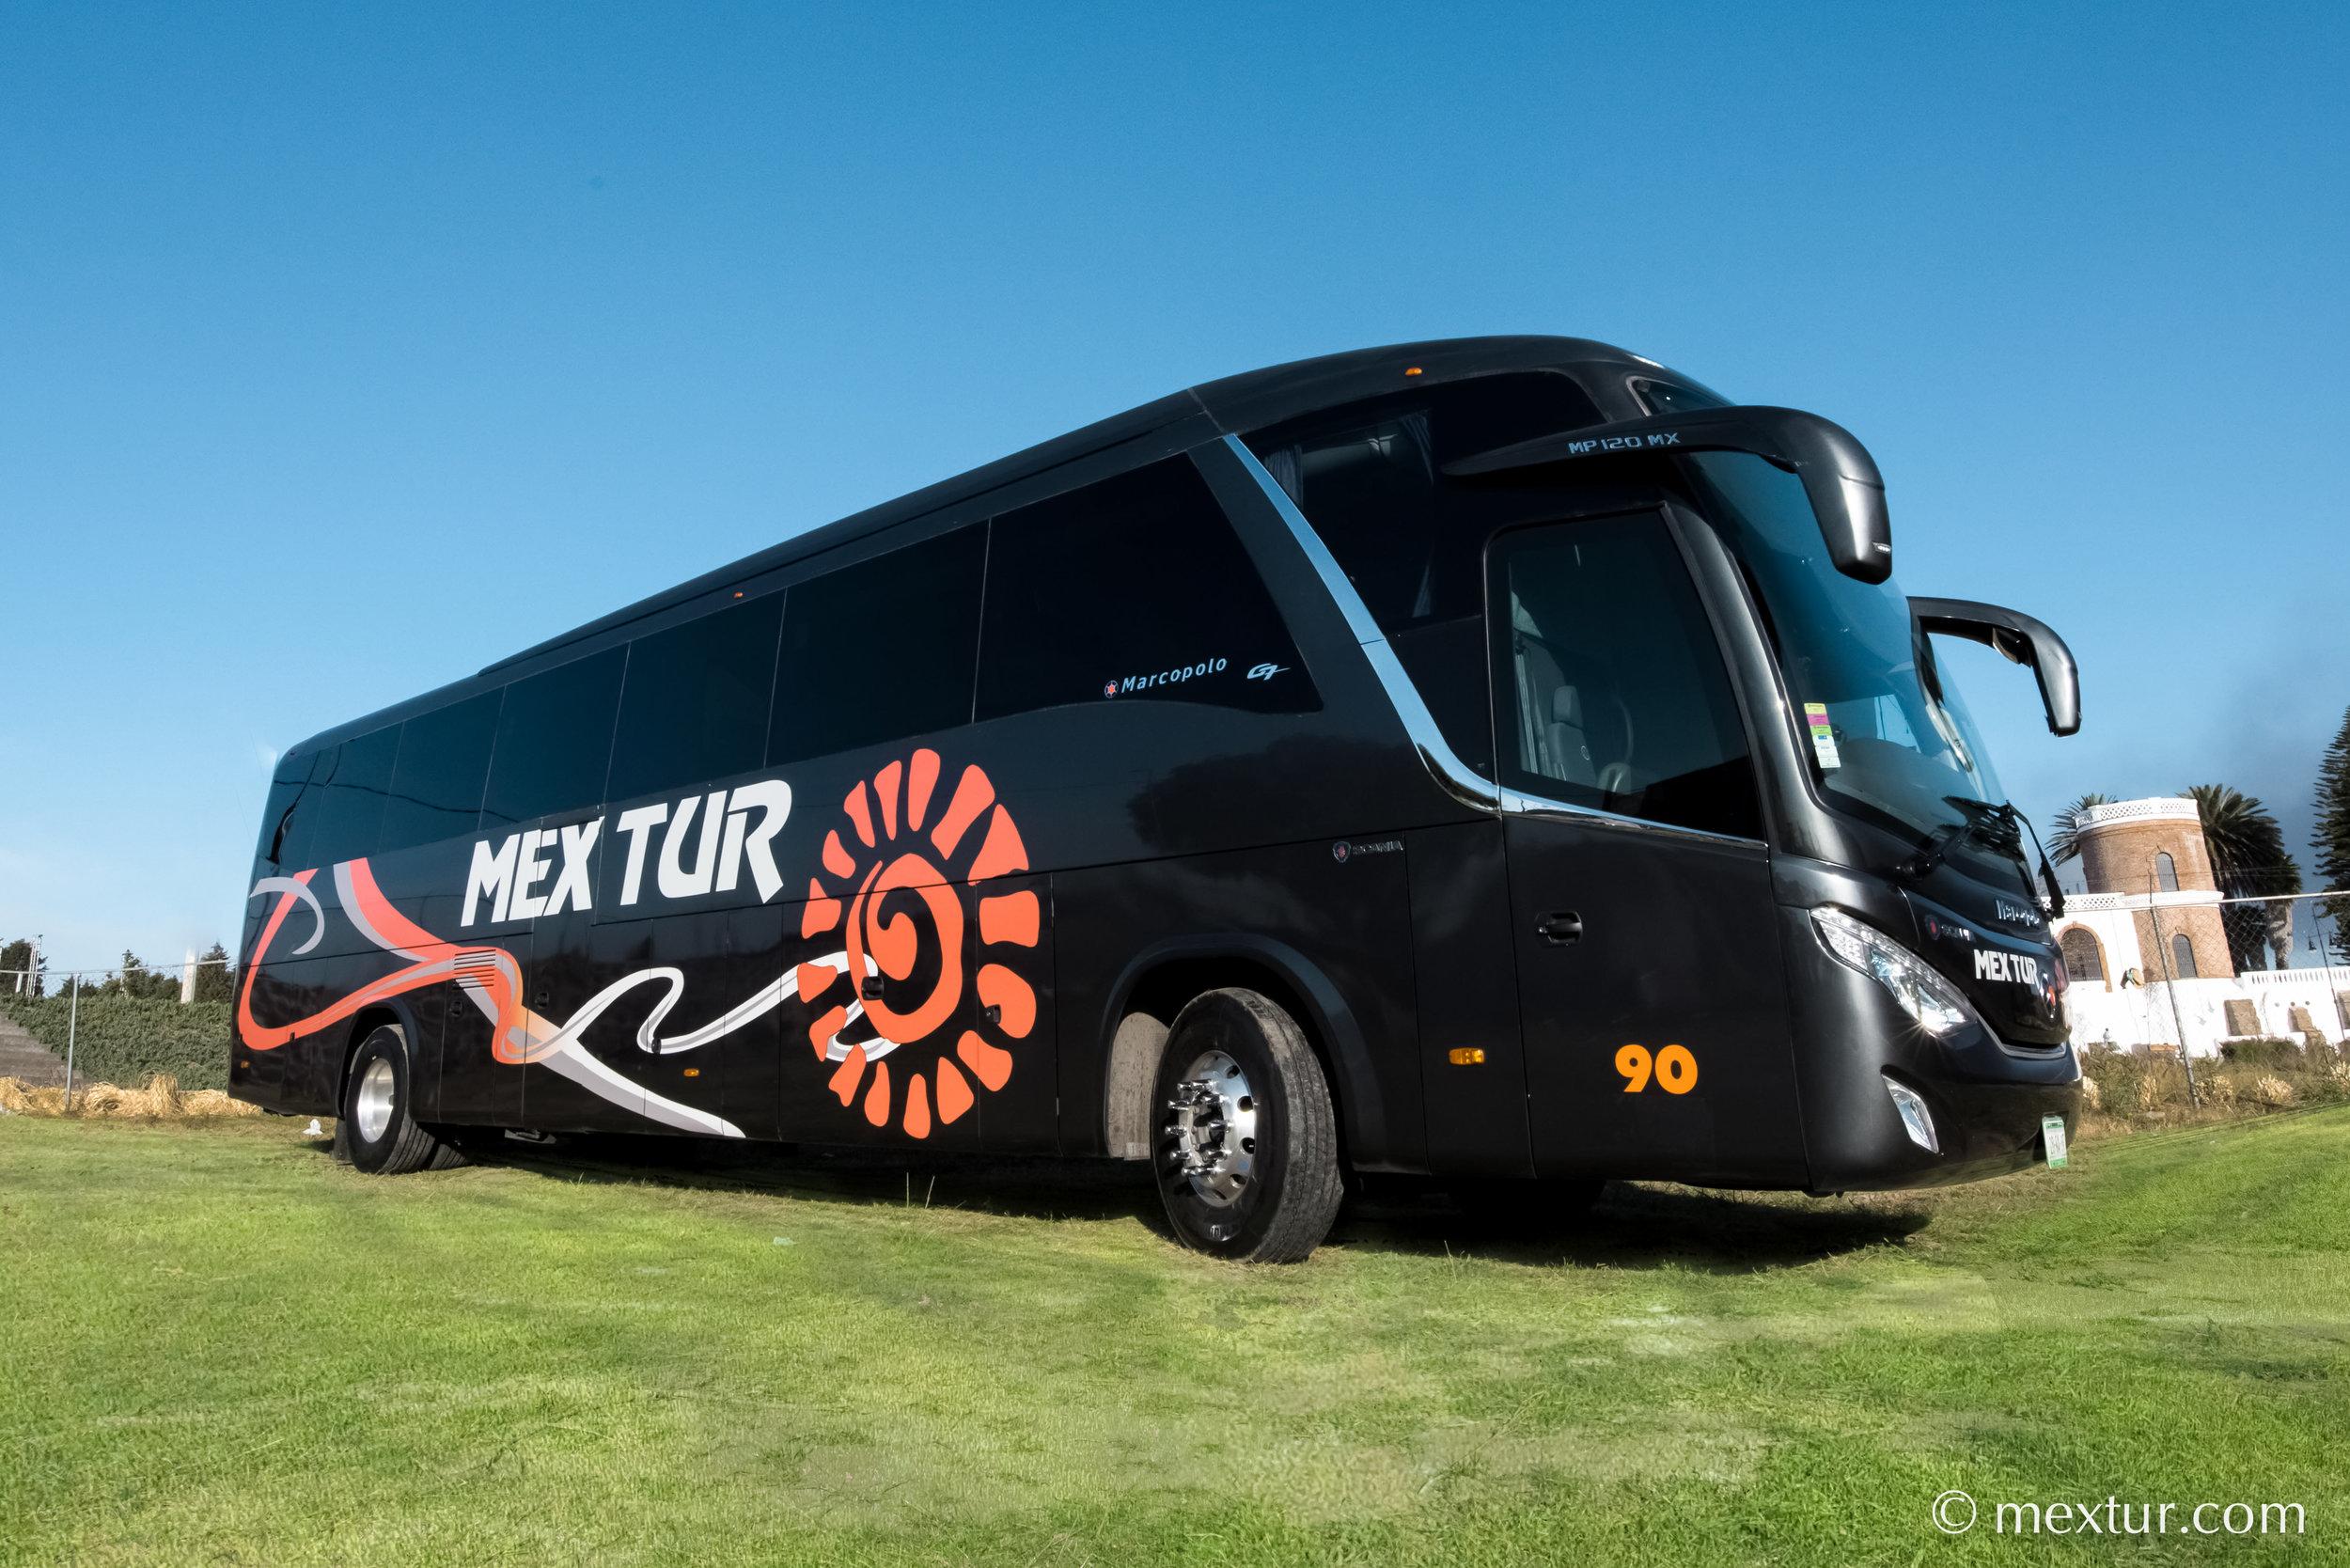 MEXTUR vehiculos seguridad turismo viajes paquetes renta